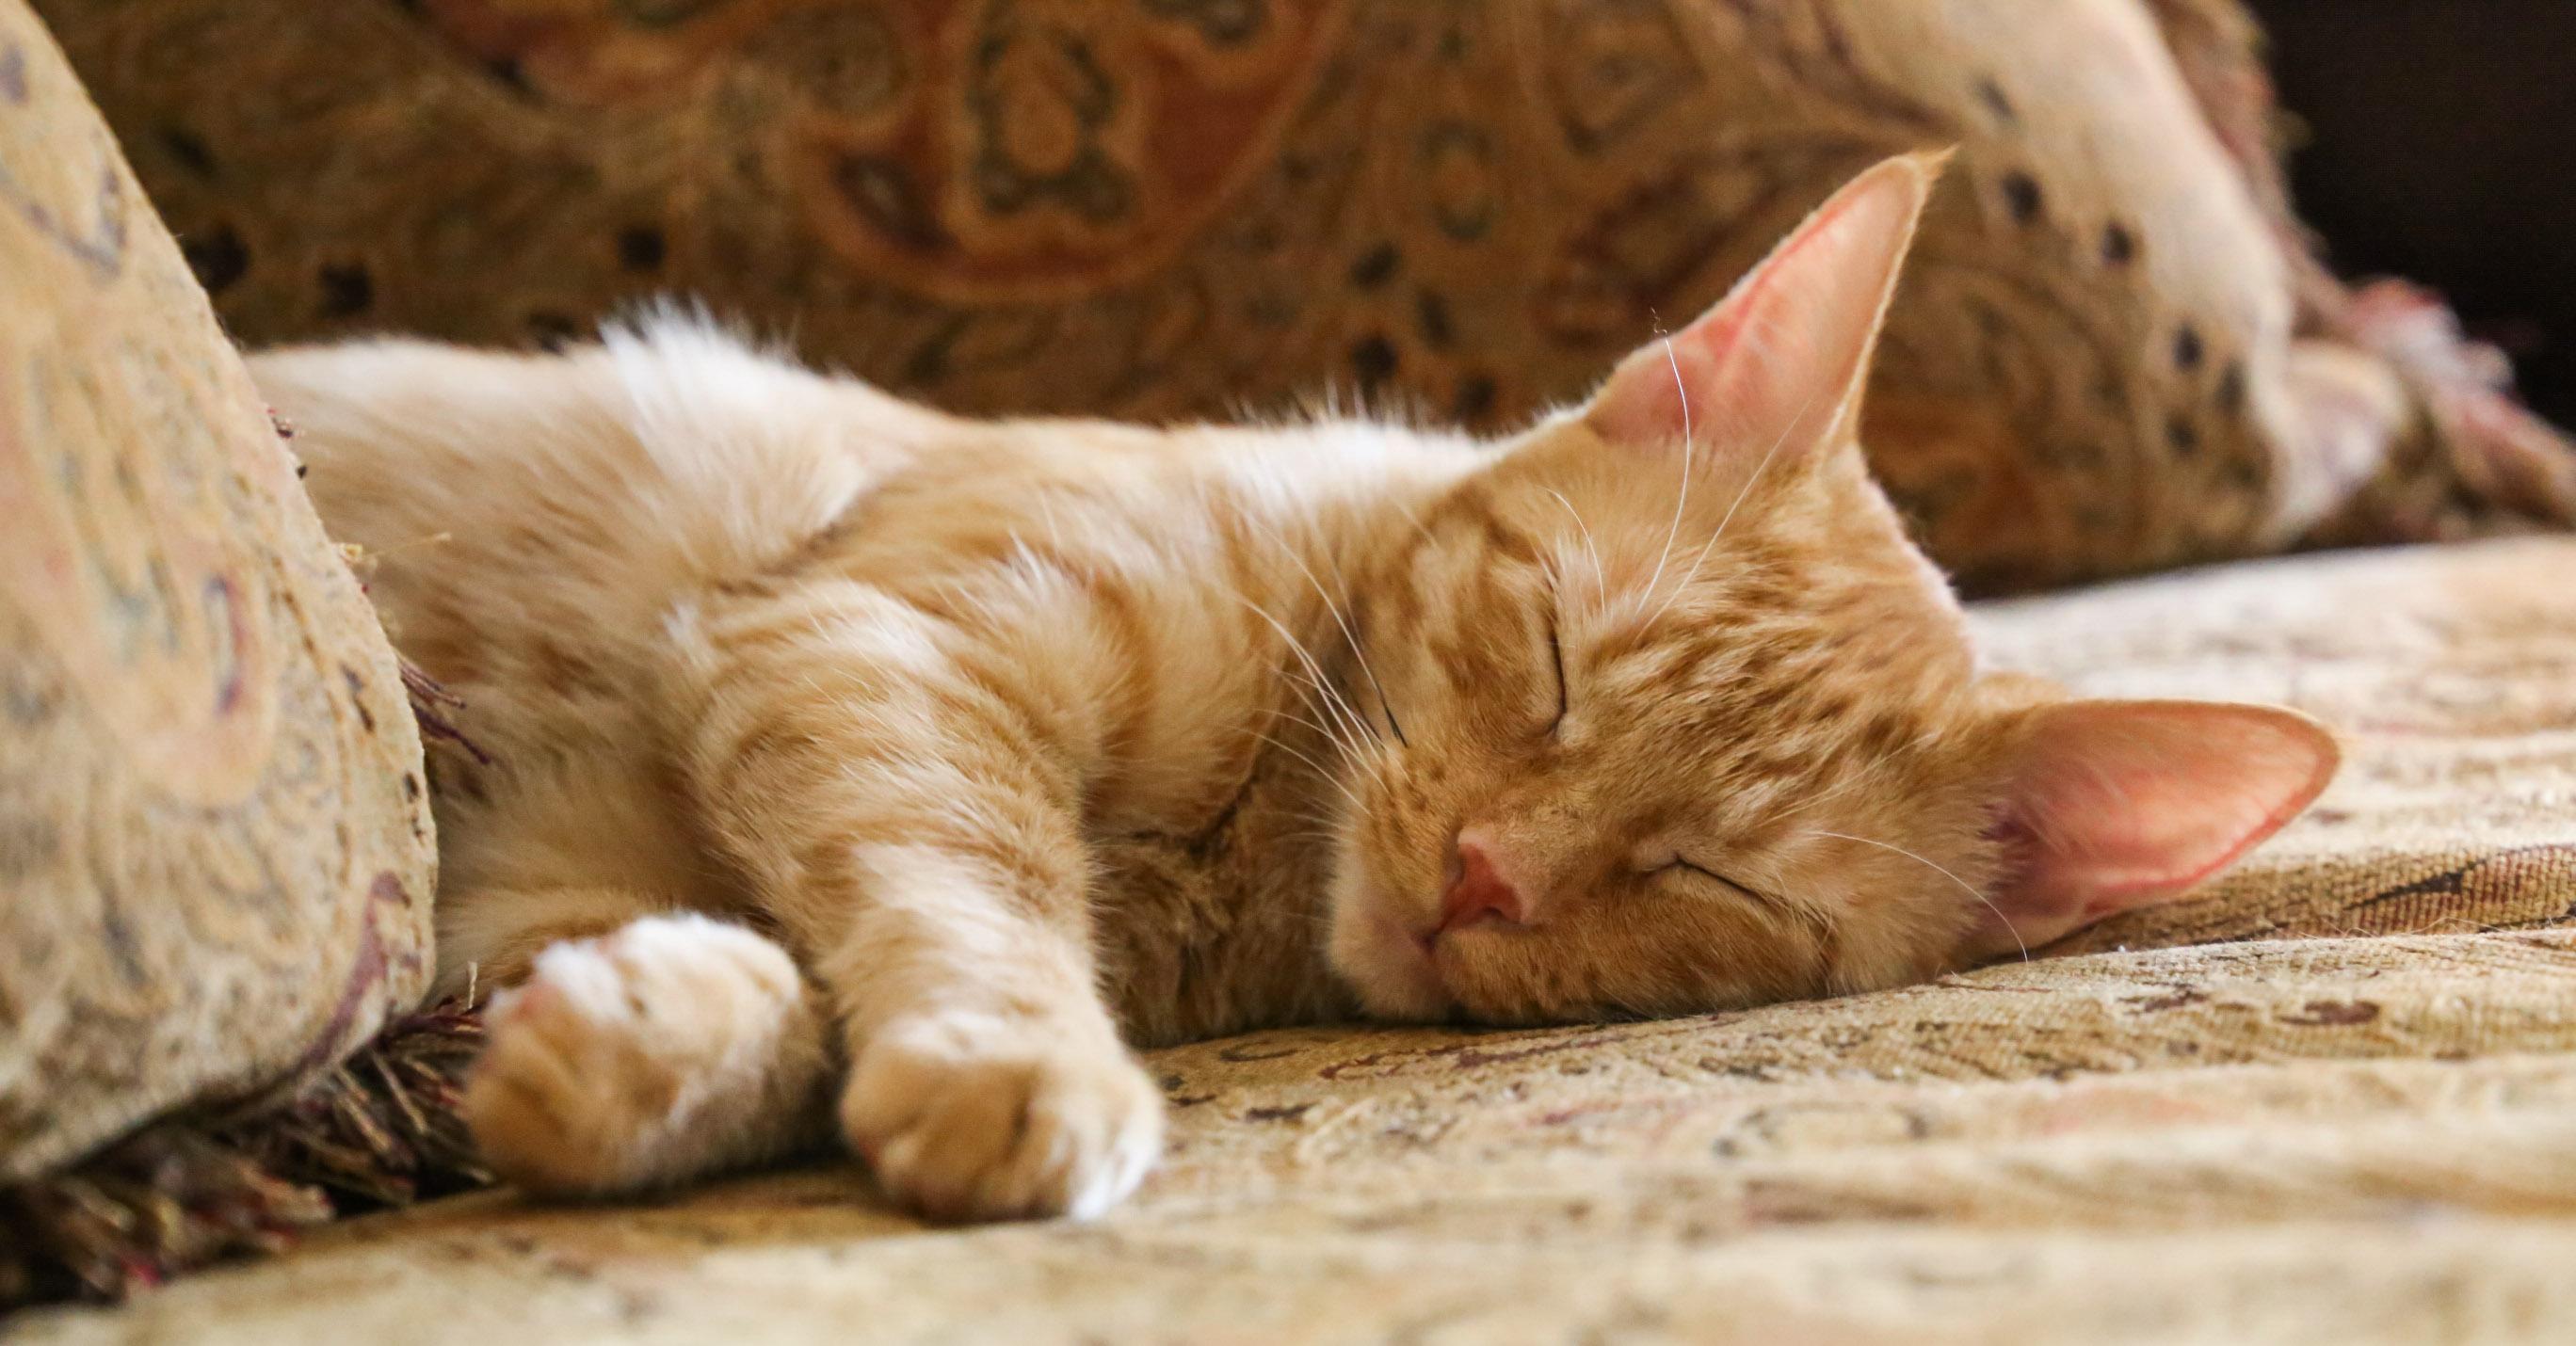 Marmalade Sleeping